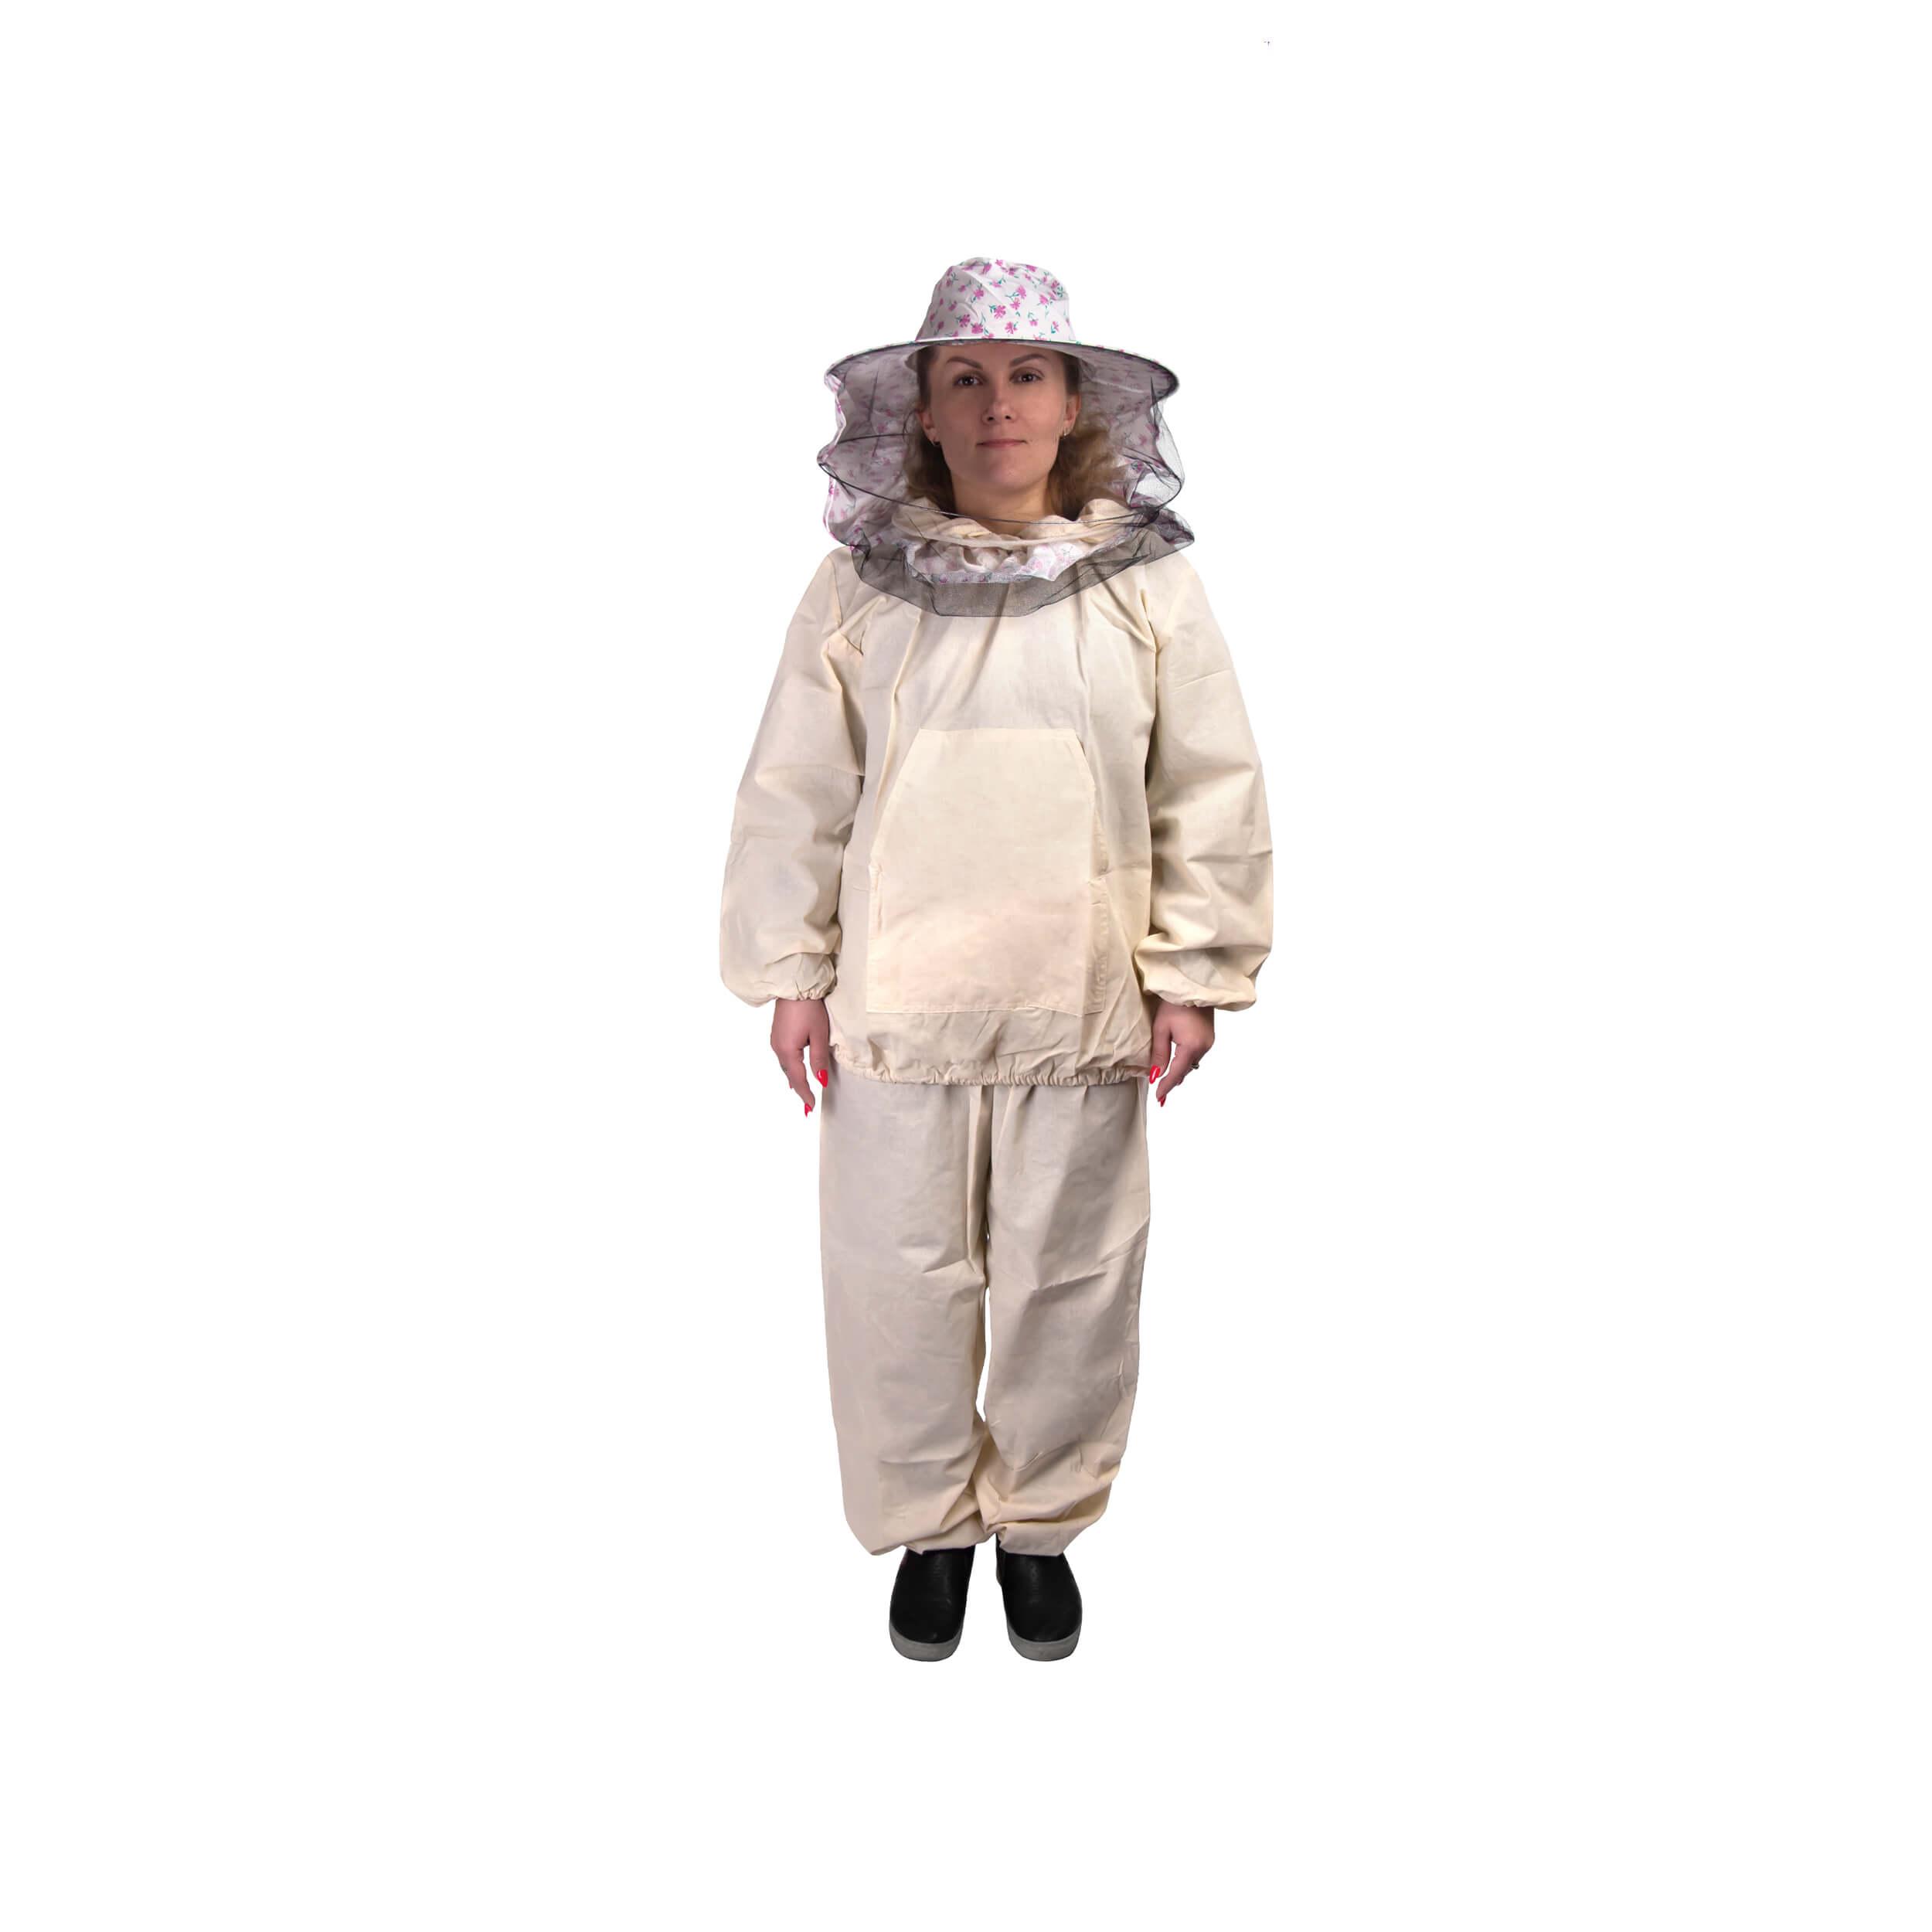 Костюм пчеловода детский легкий (38-40 размер) + лицевая сетка (рост 138-140) фото